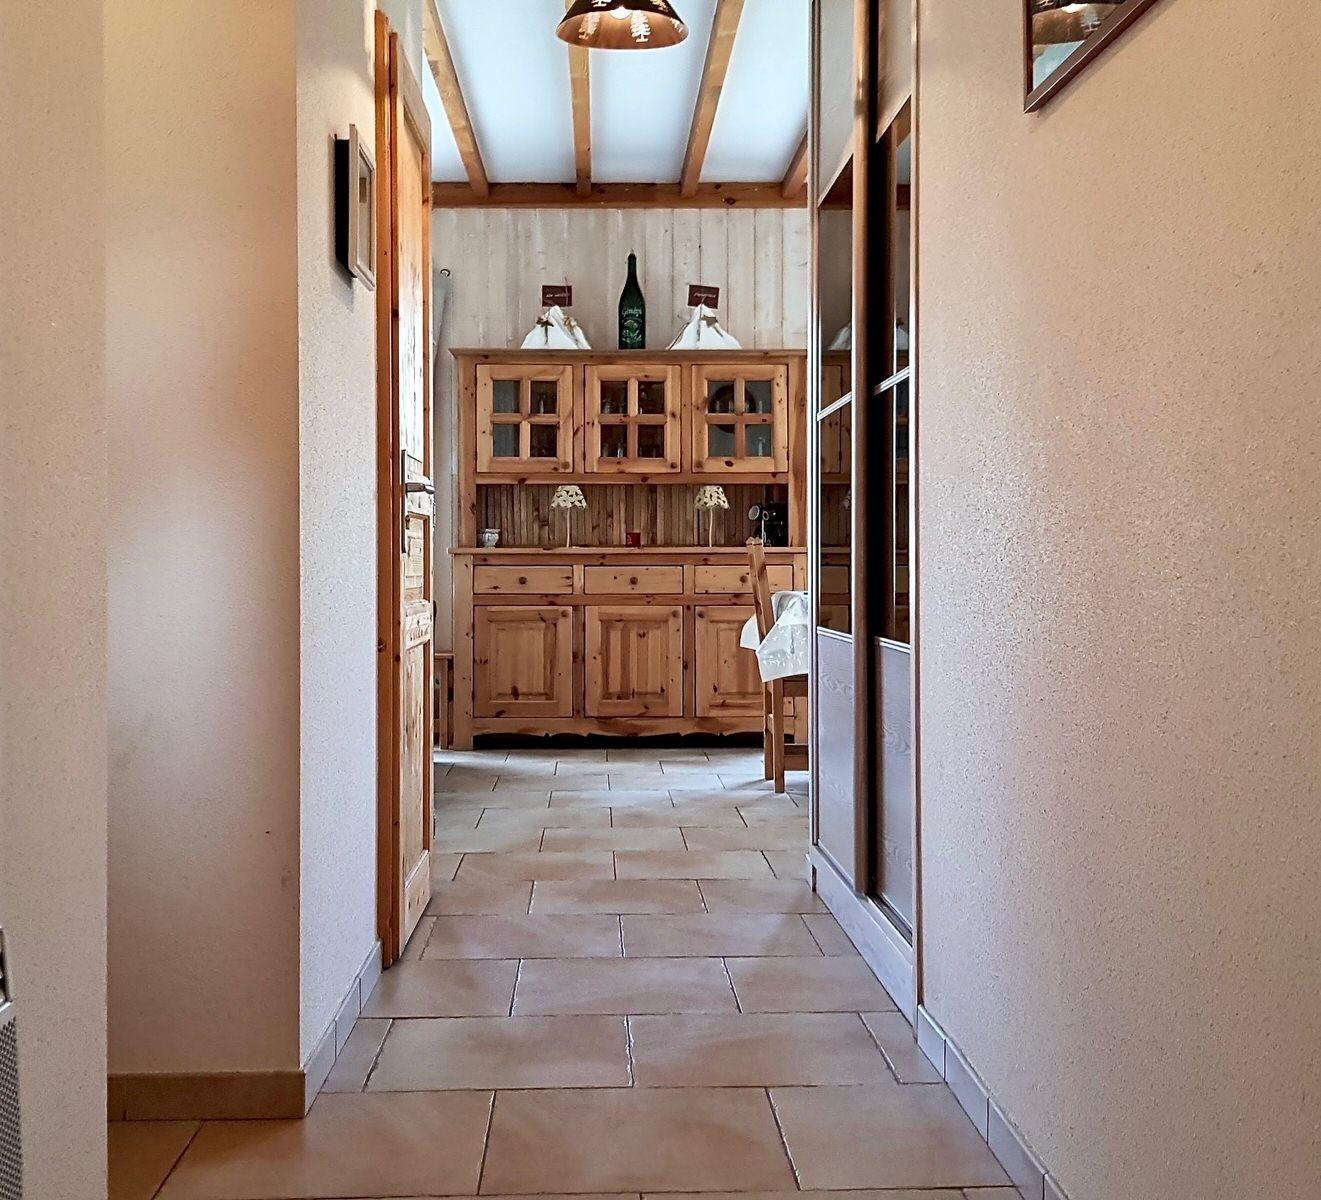 risoul-hebergement-chalet-les-balcons-entree-interieure-12865